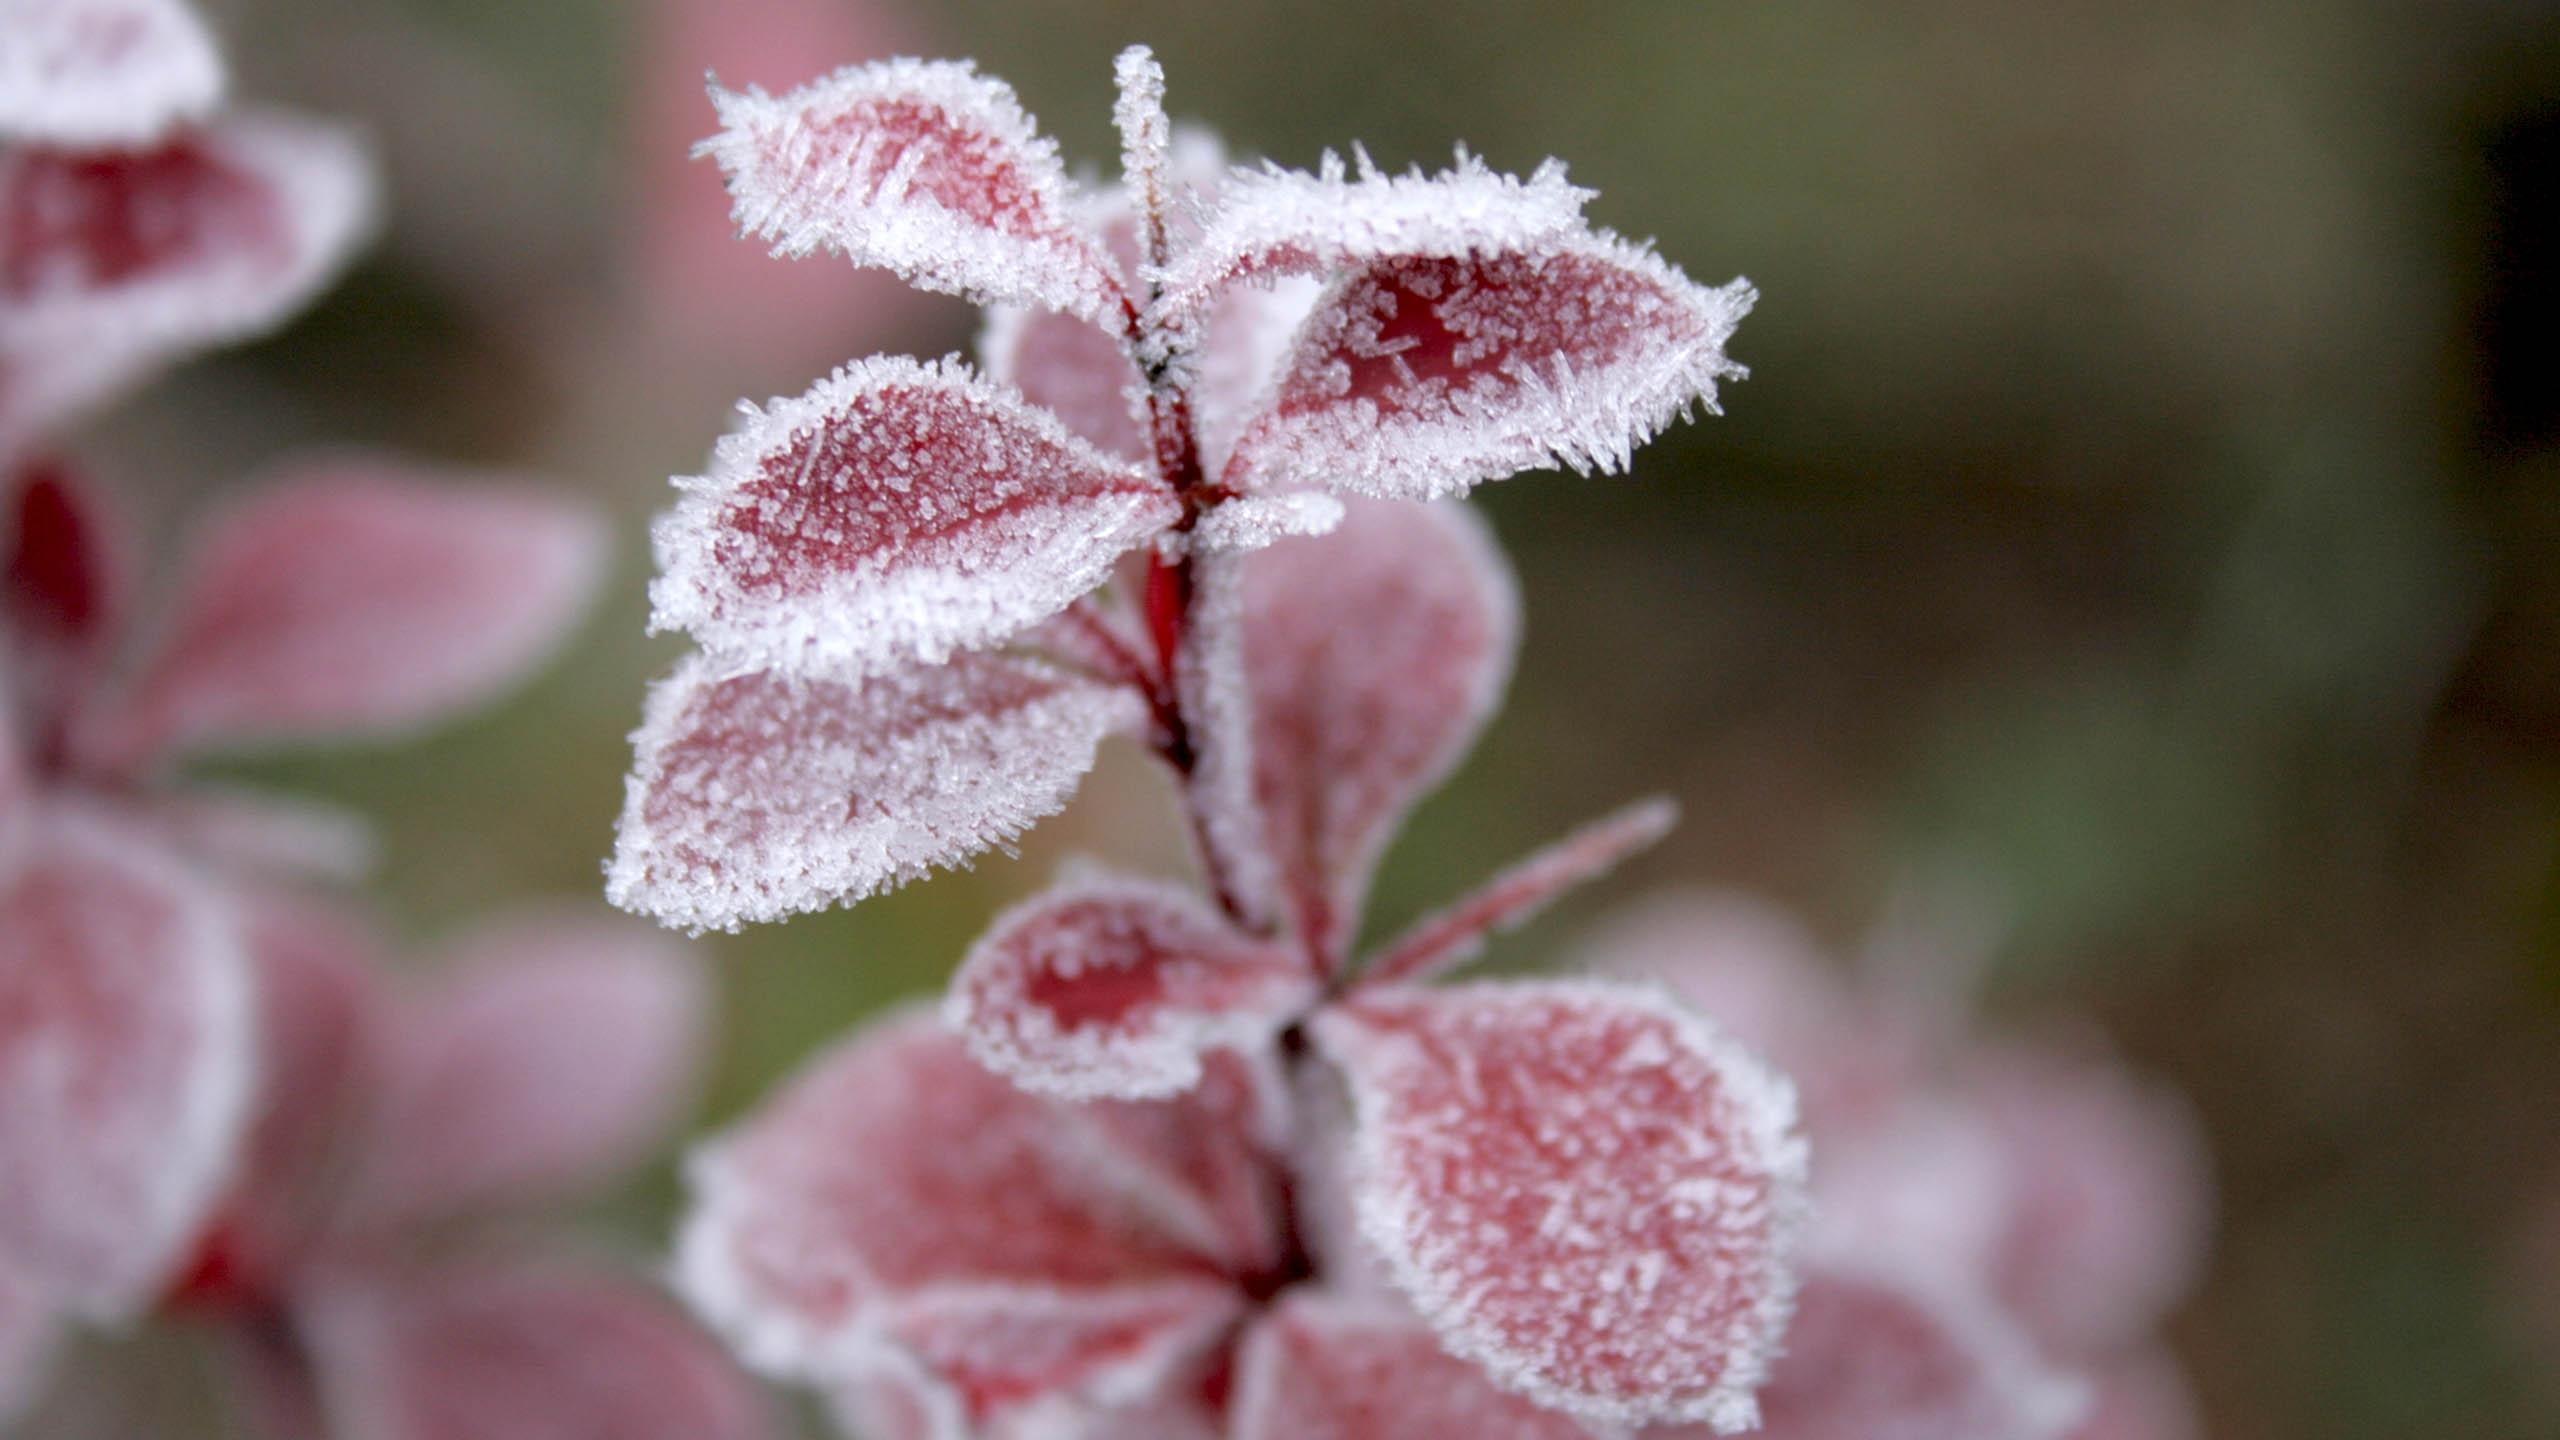 Hình nền lá cây đóng băng